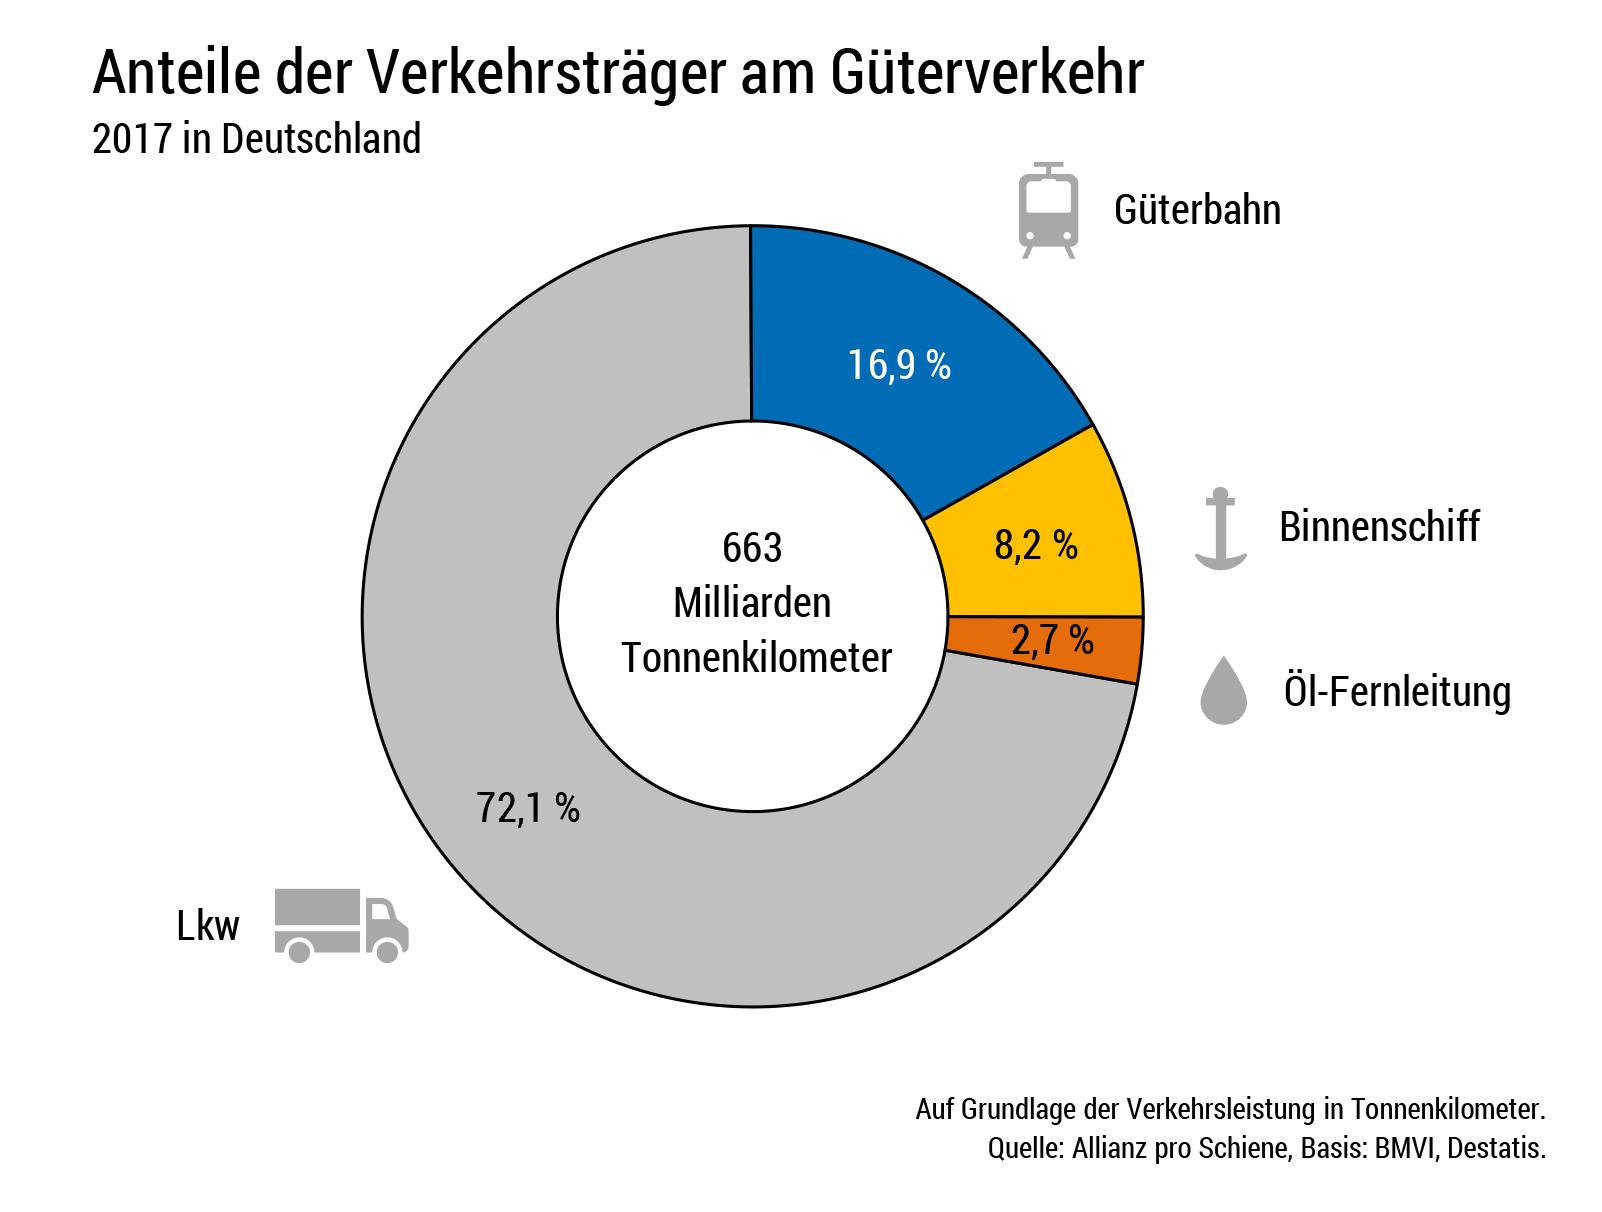 Güterbahnen stärken: Die Fraktionen von Union und SPD wollen die Trassenpreissenkung für den Schienengüterverkehr noch für 2018. Eile ist geboten: Der Marktanteil der Güterbahnen sinkt.